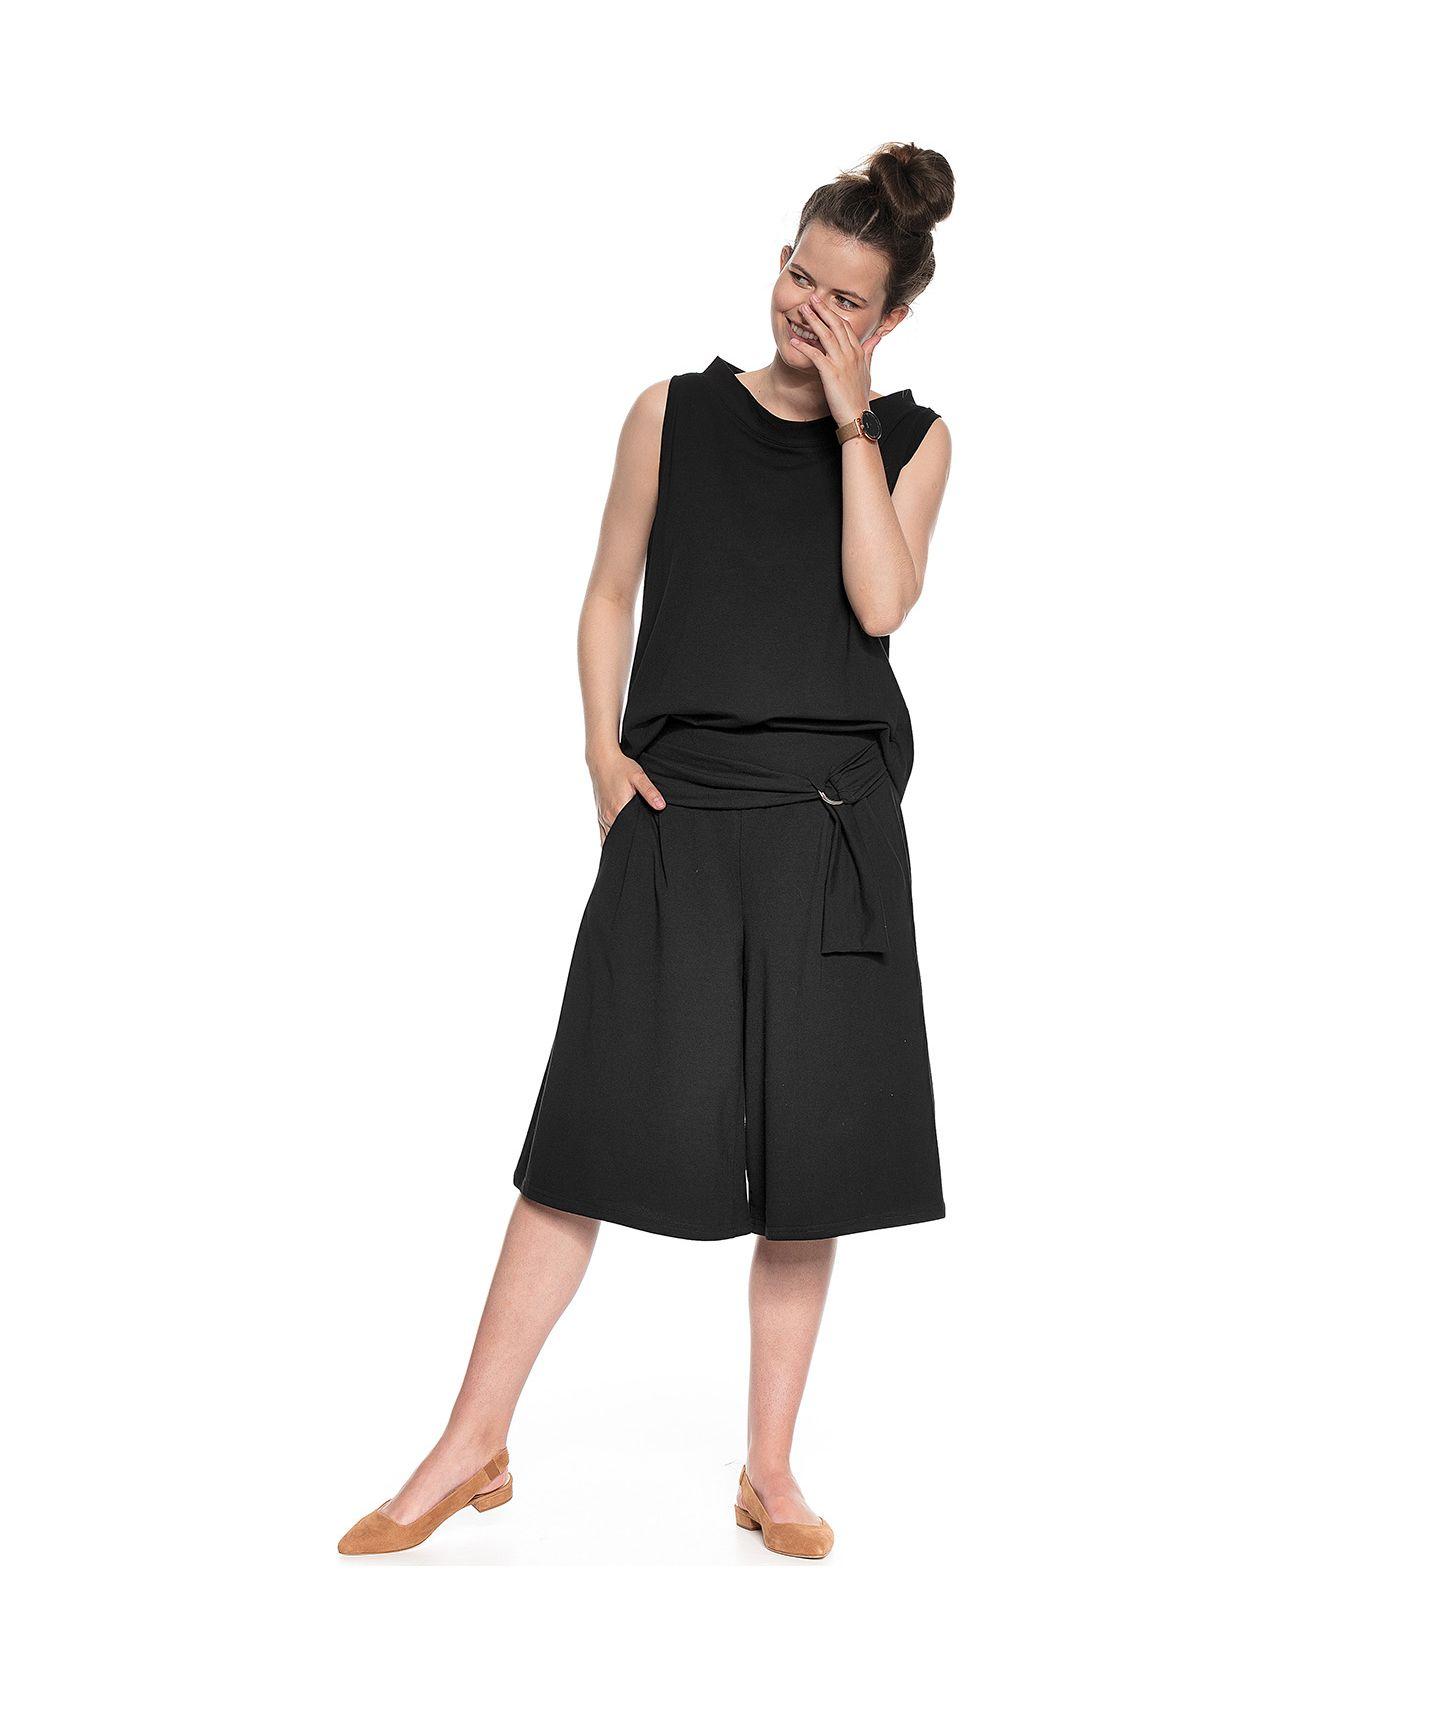 spodnie LIV czarny